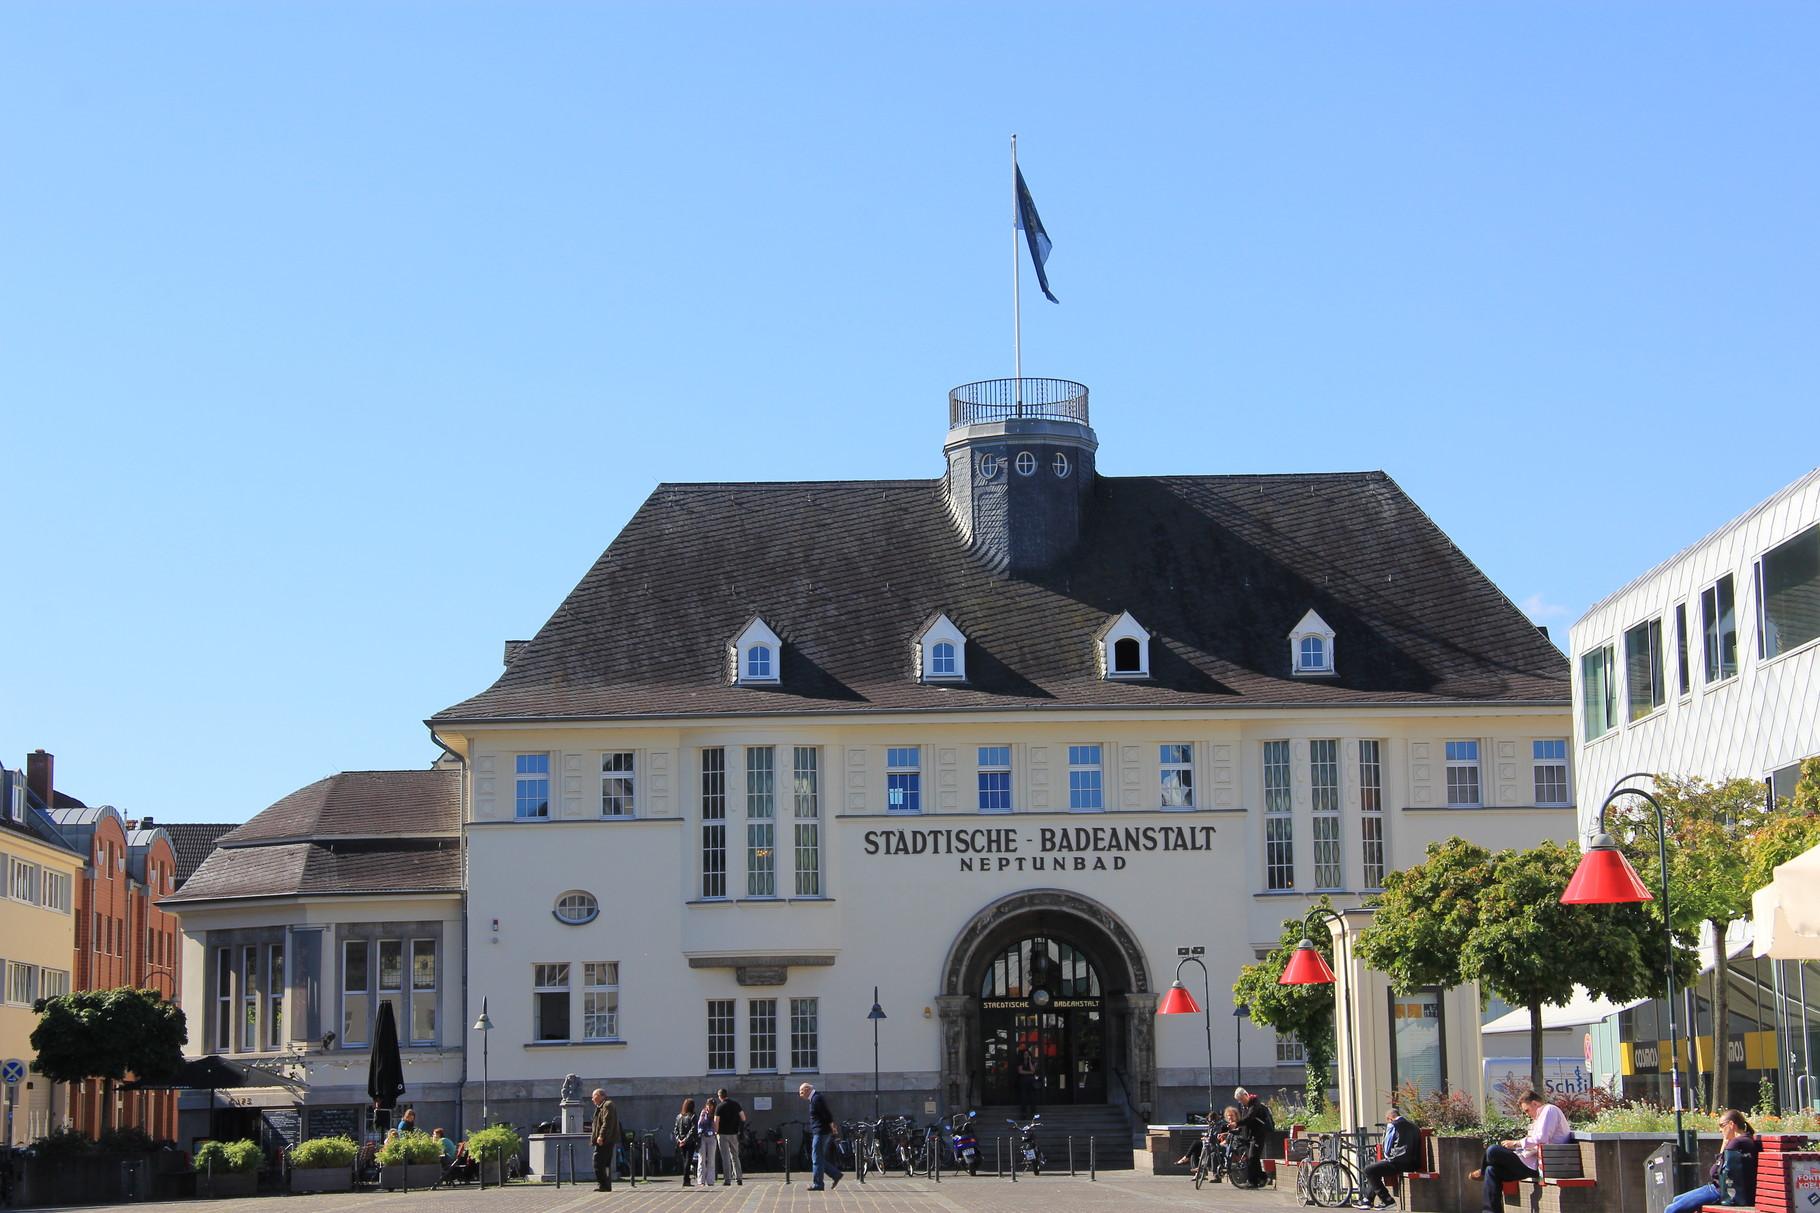 Auch das älteste Vorortbad Köln, das NEPTUNBAD von 1912, ist Teil der Führung